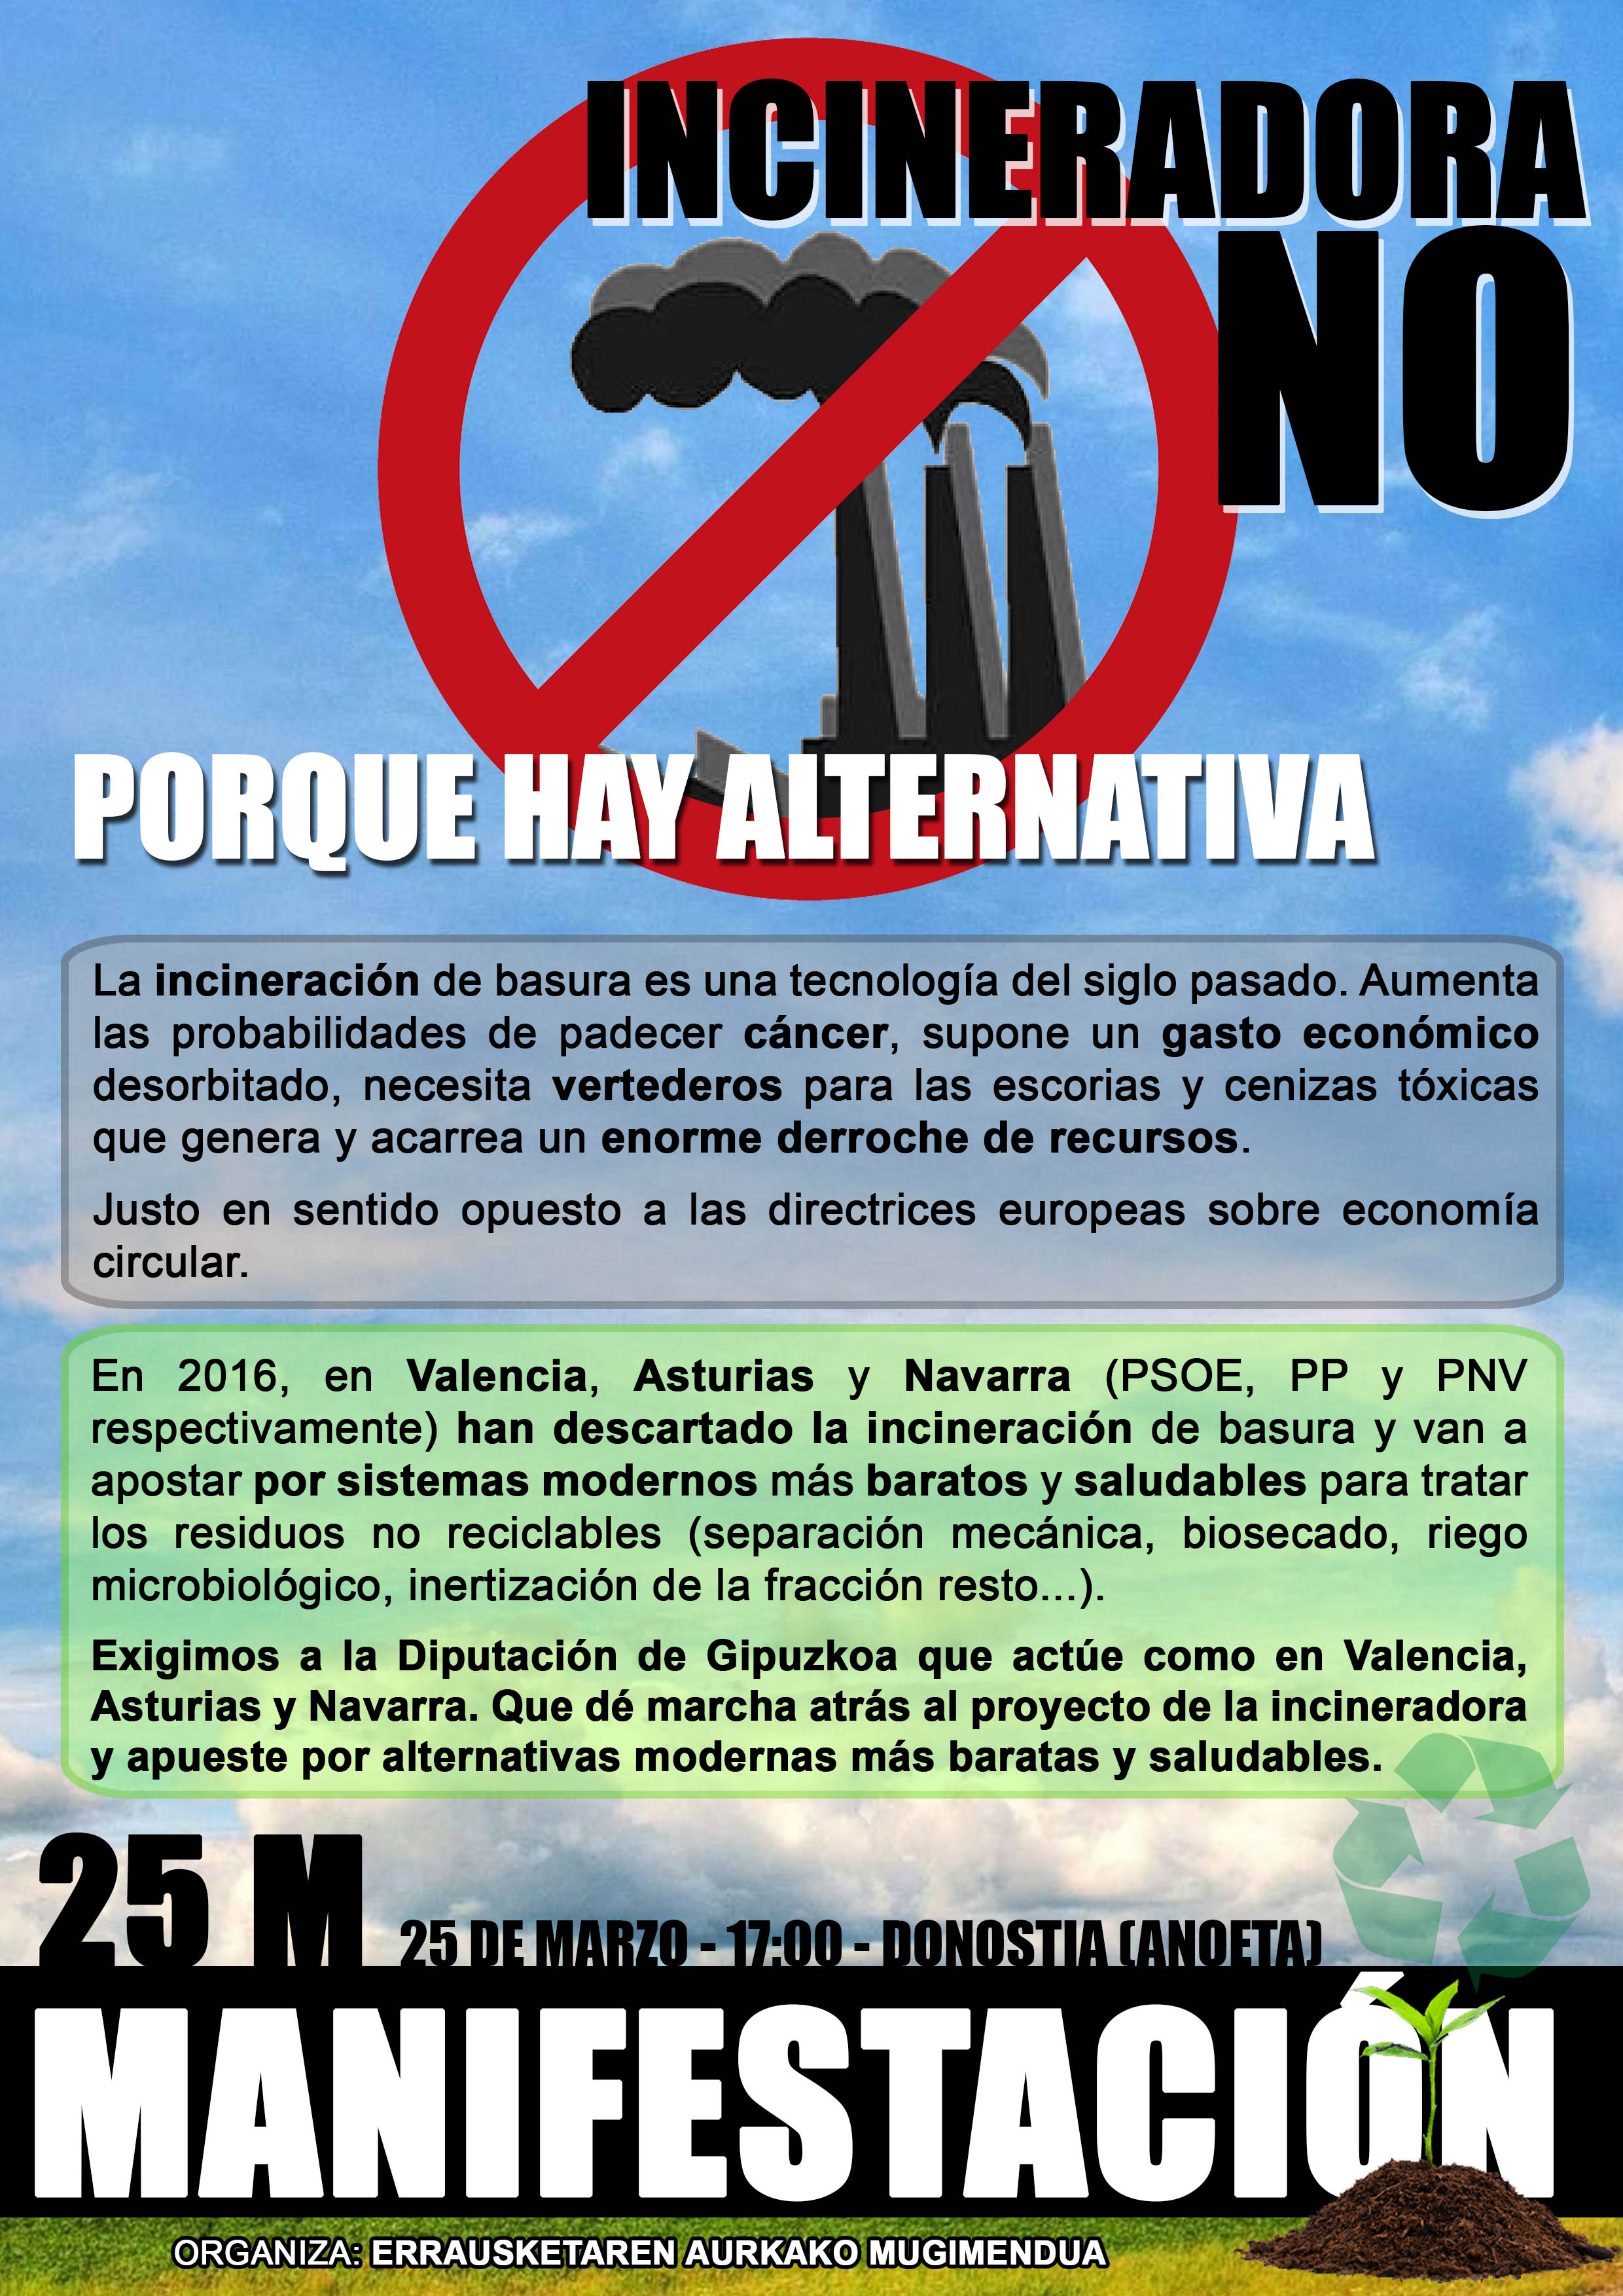 Llamamiento para participar en la manifestaciòn de hoy que comenzará desde el estadio de Anoeta: ¡Porque hay alternativa no a la incineradora!